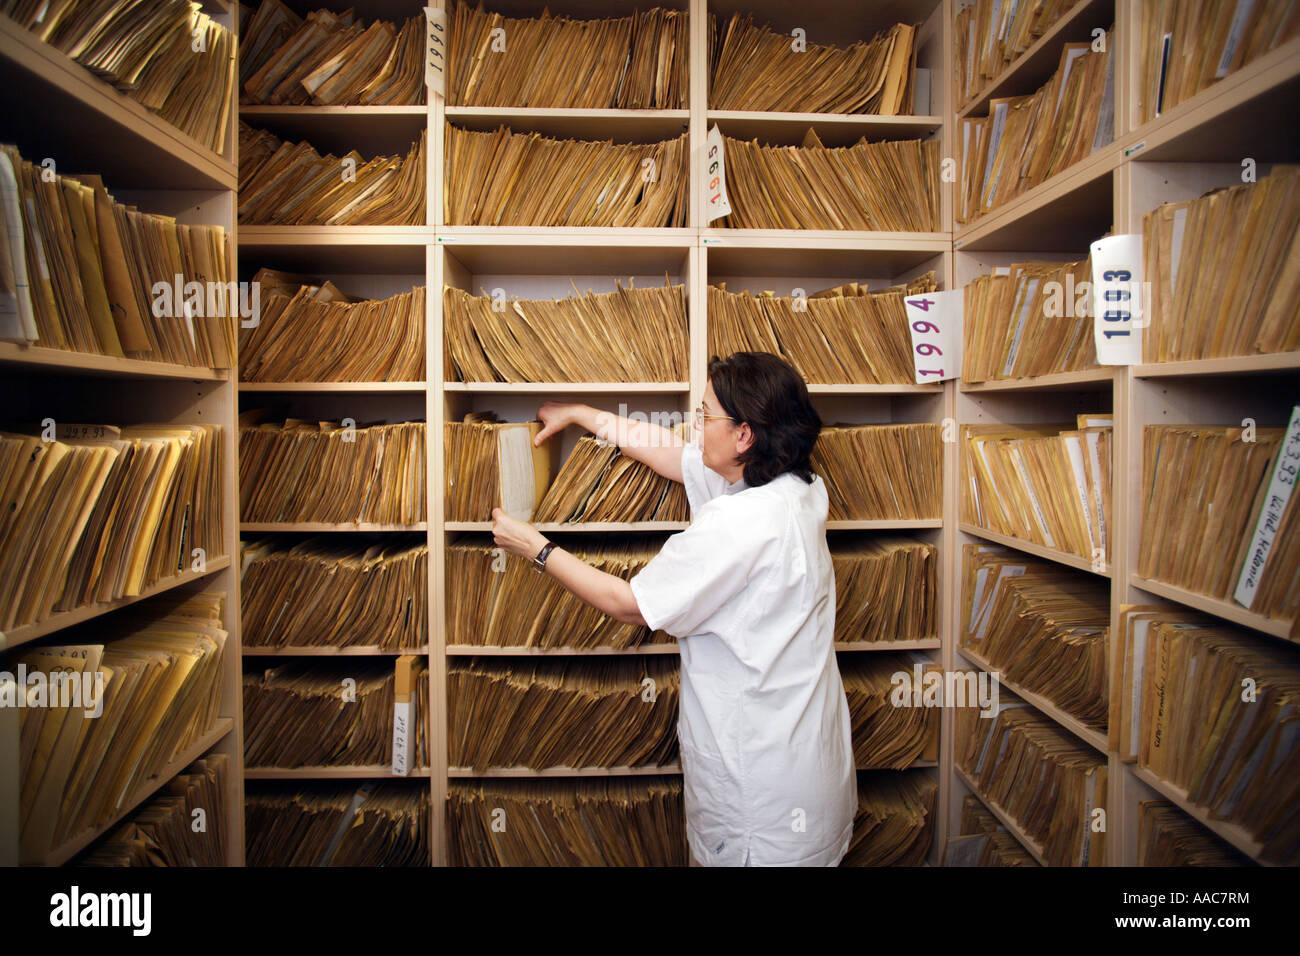 Altonaer Kinderkrankenhaus s das Archiv der Radiologie Stockbild